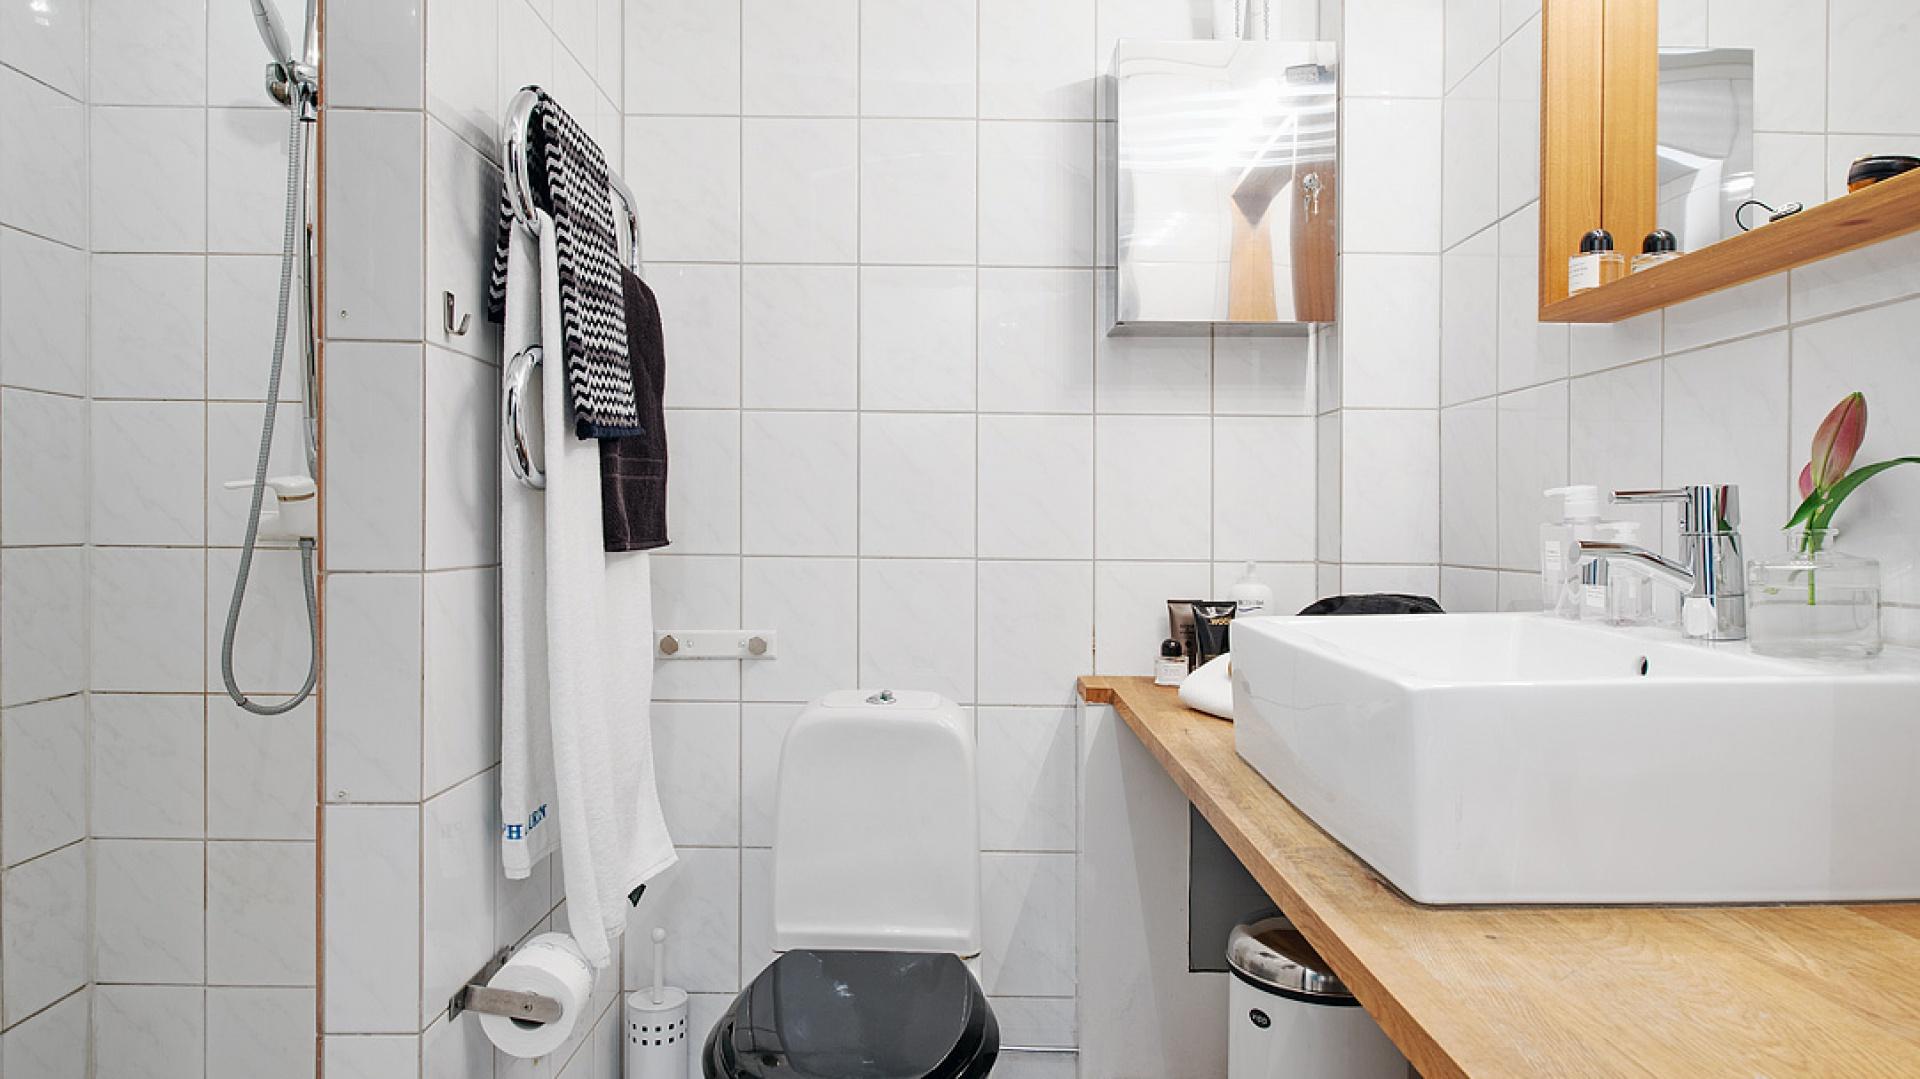 łazienka Ocieplona Drewnem Tak Ją Urządzisz